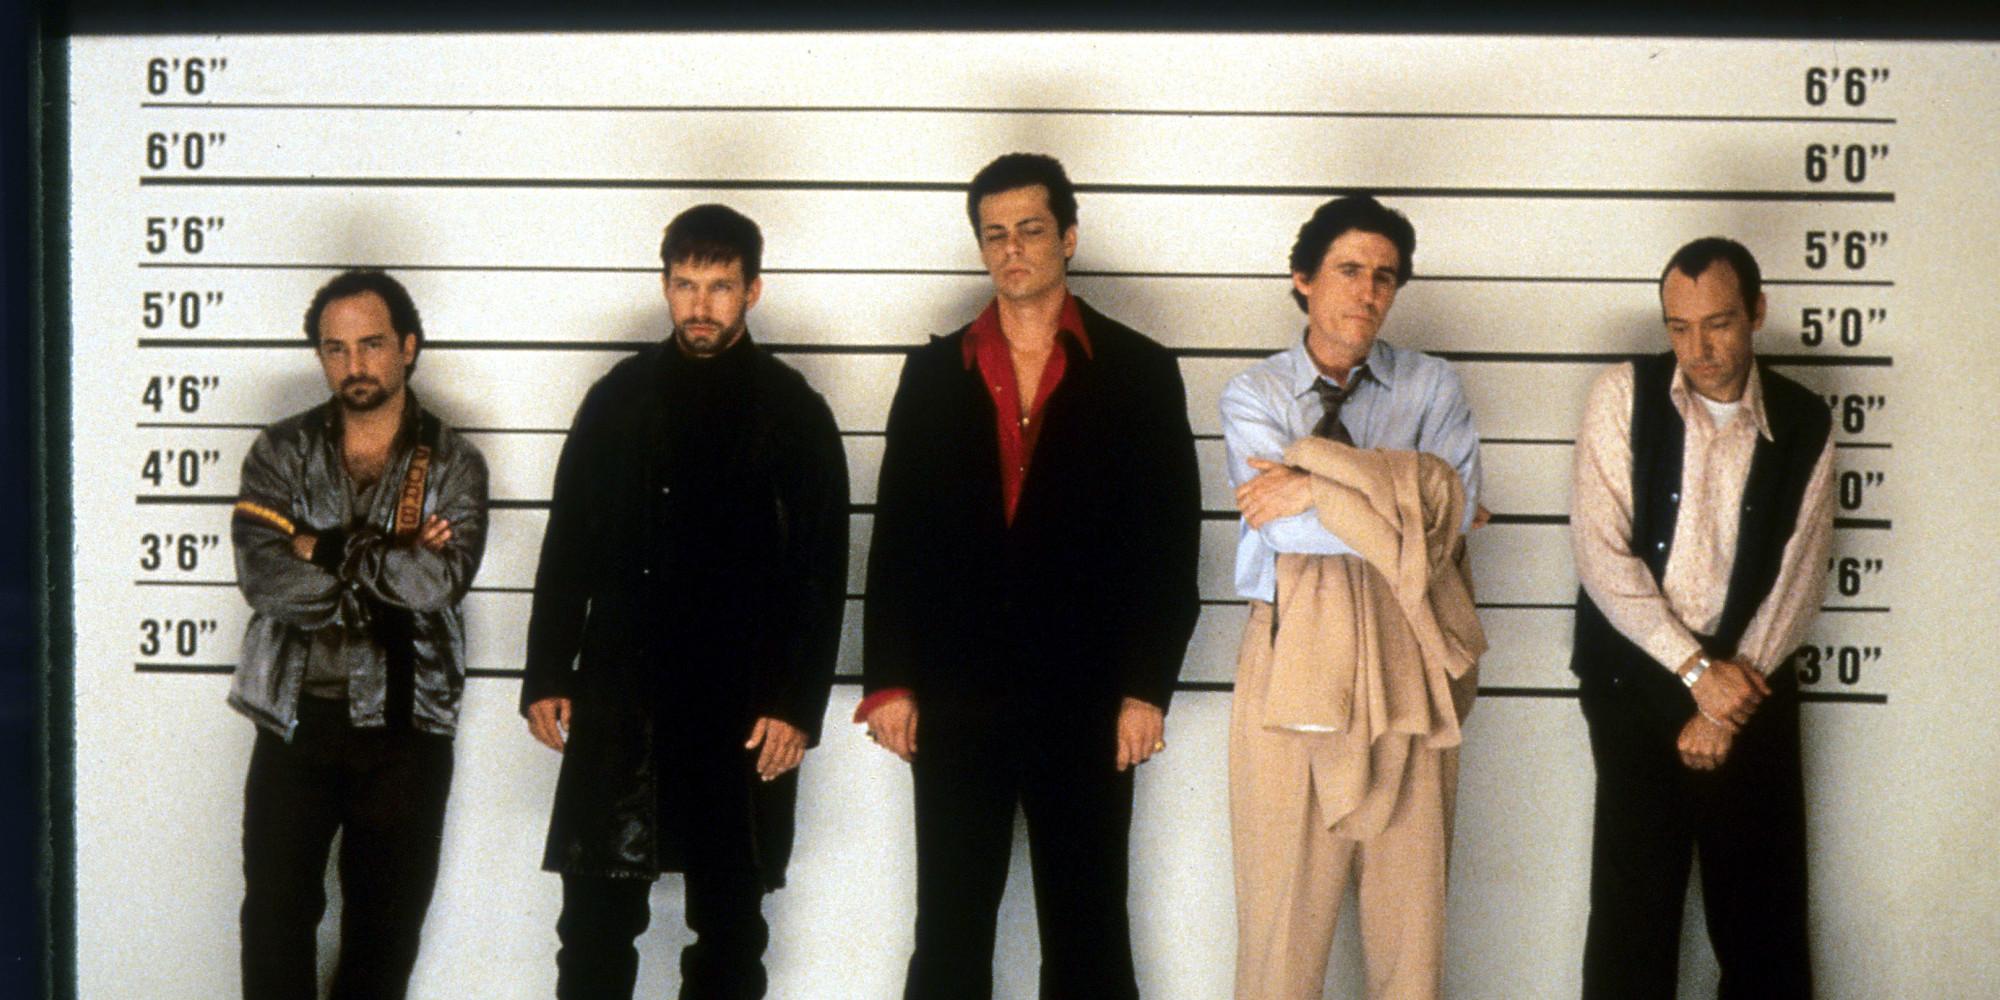 películas de 1995: Sospechosos habituales, dirigido por Ron Howard